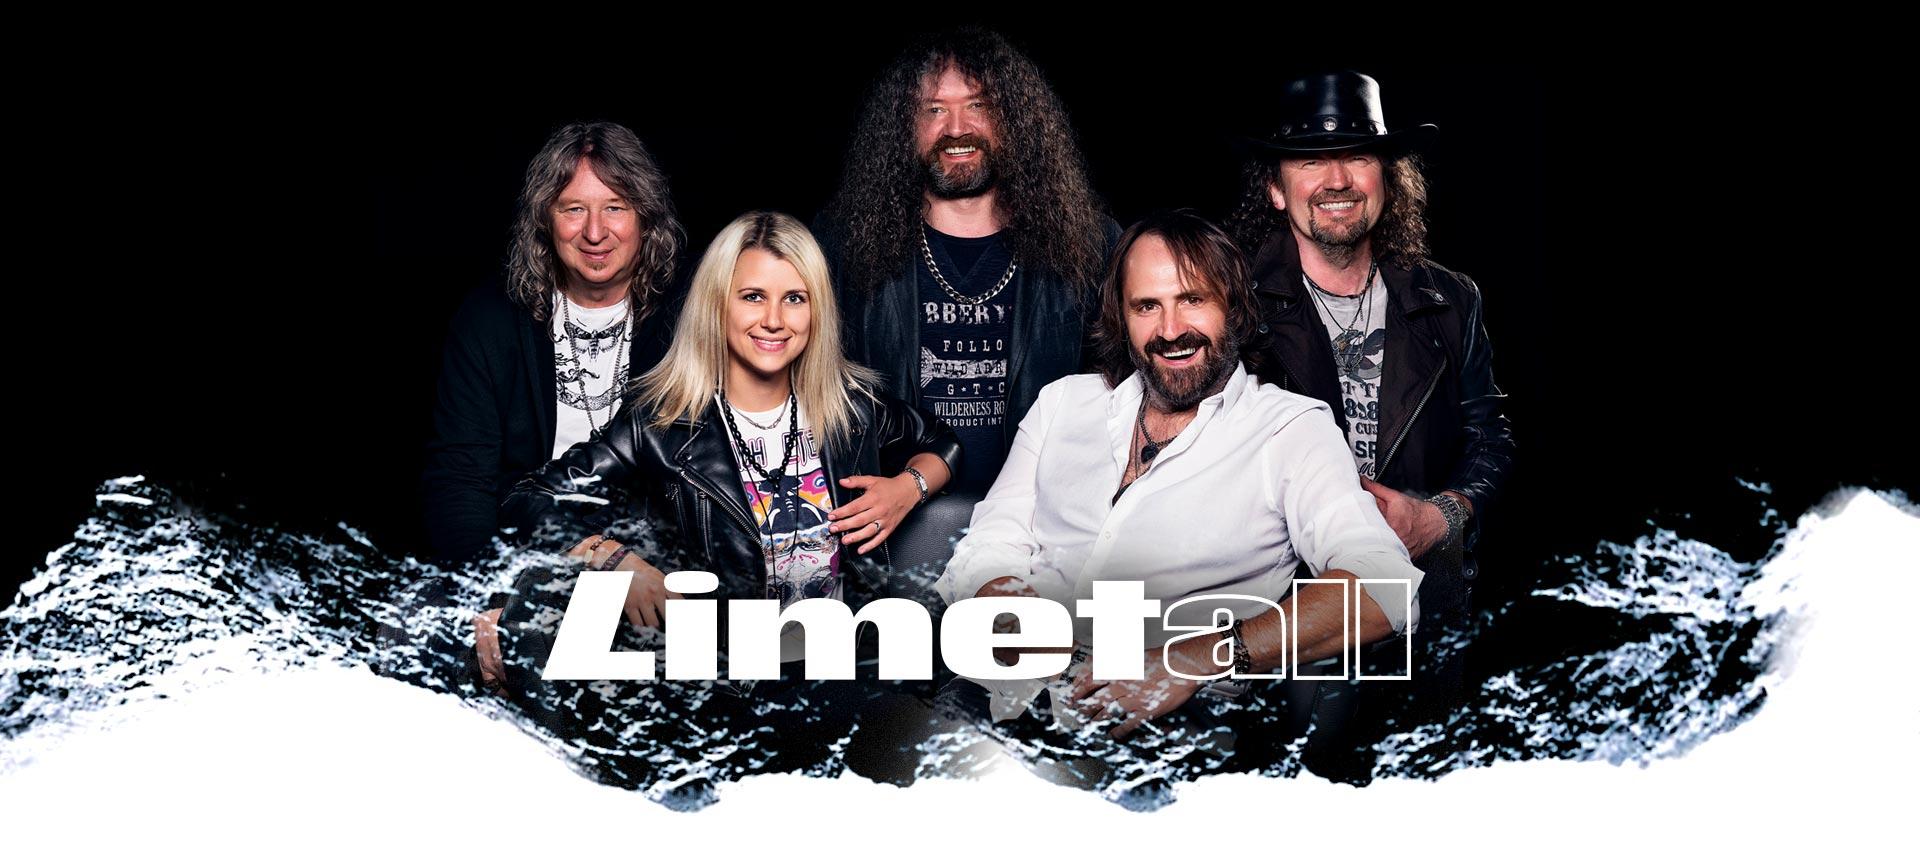 619eebf1213f Limetall - Oficiální web české hardrockové kapely